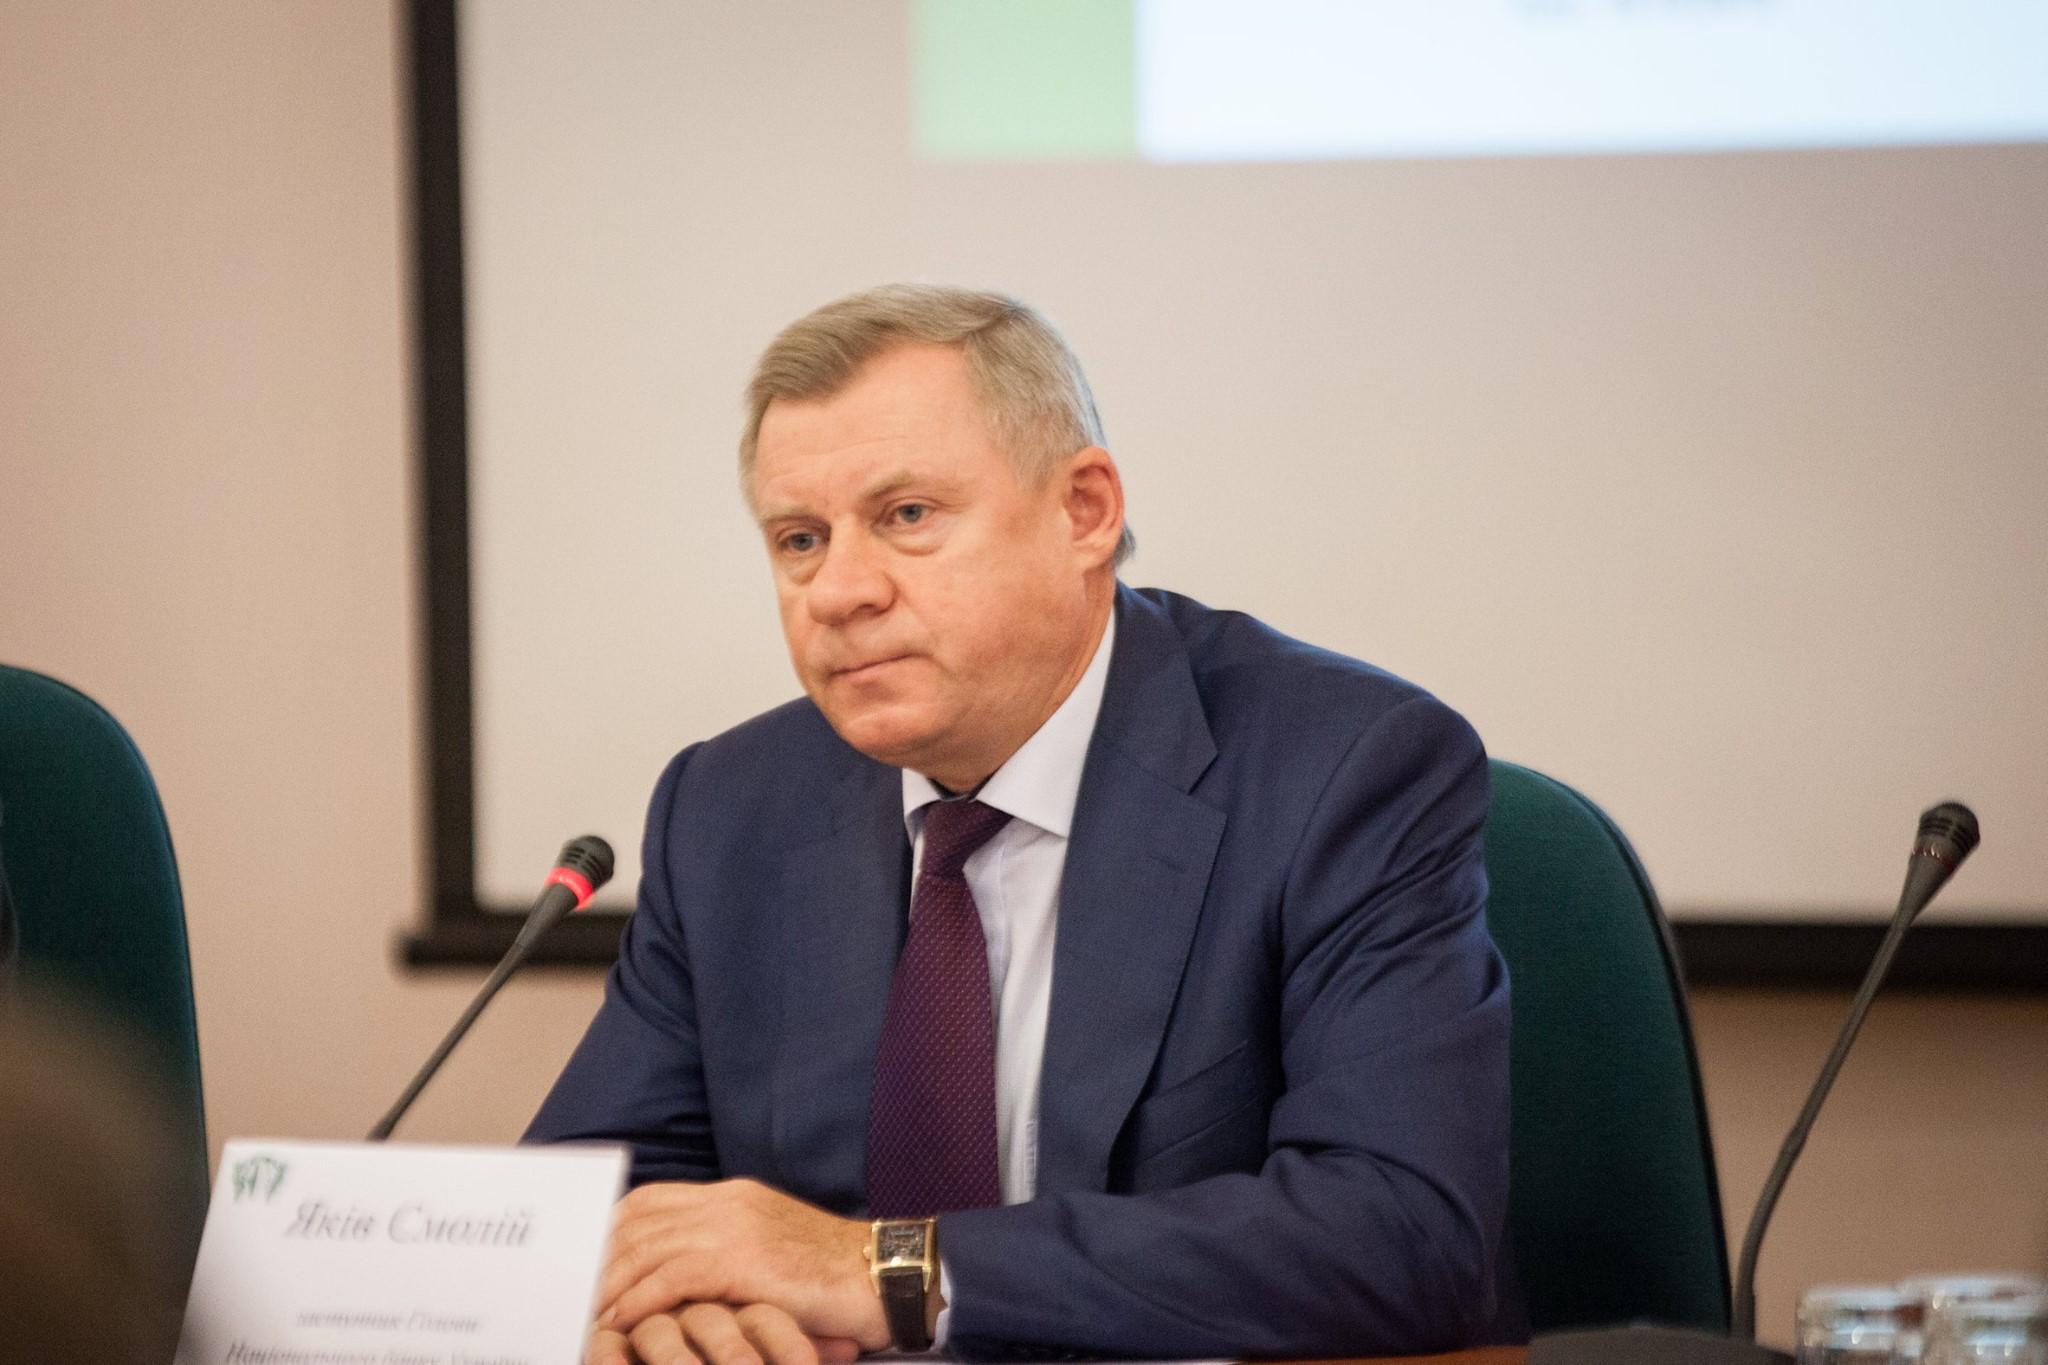 Яков Смолий, первый замглавы НБУ